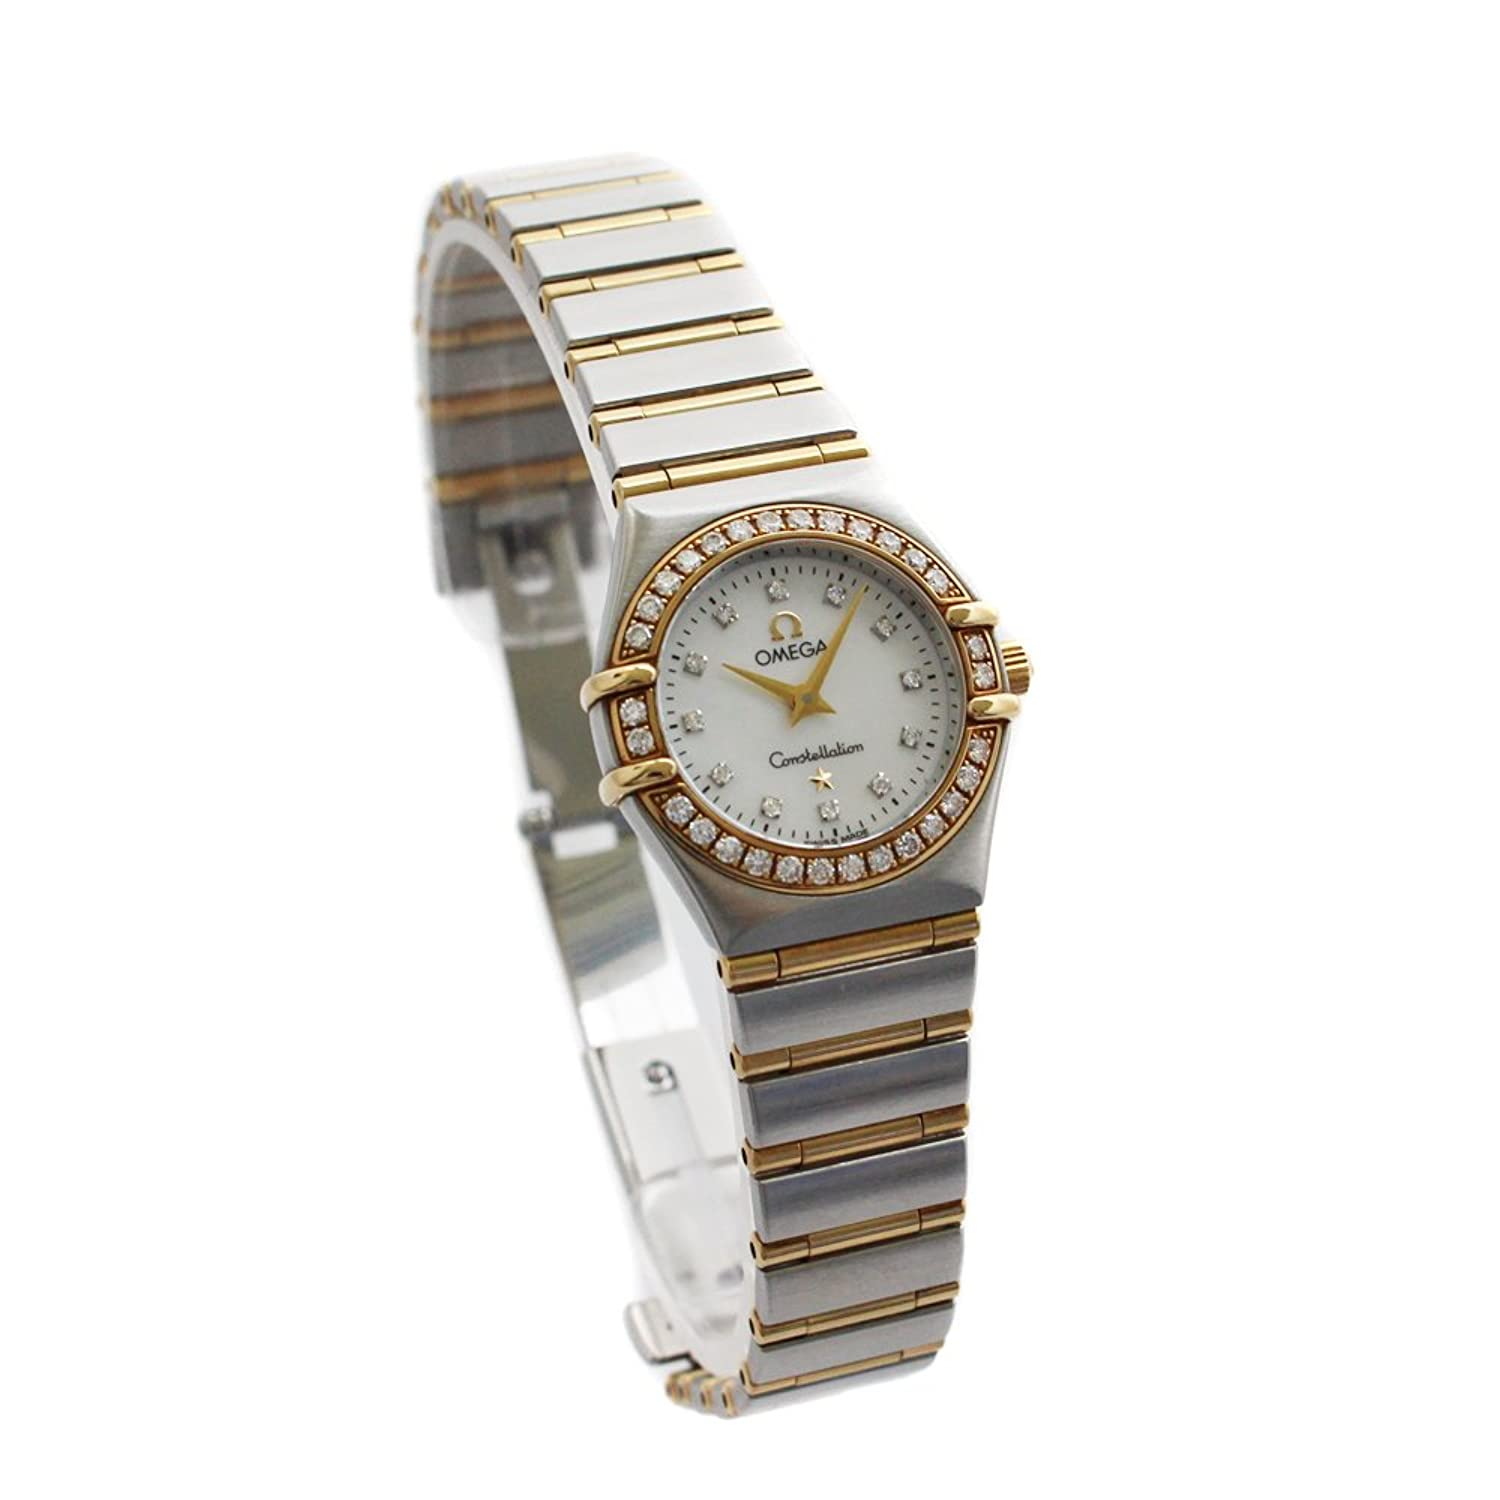 オメガ OMEGA コンステレーション ミニ ダイヤベゼル 1267.75 腕時計 シルバー レディース クオーツ ホワイトシェル文字盤 [中古] B07D2194D6